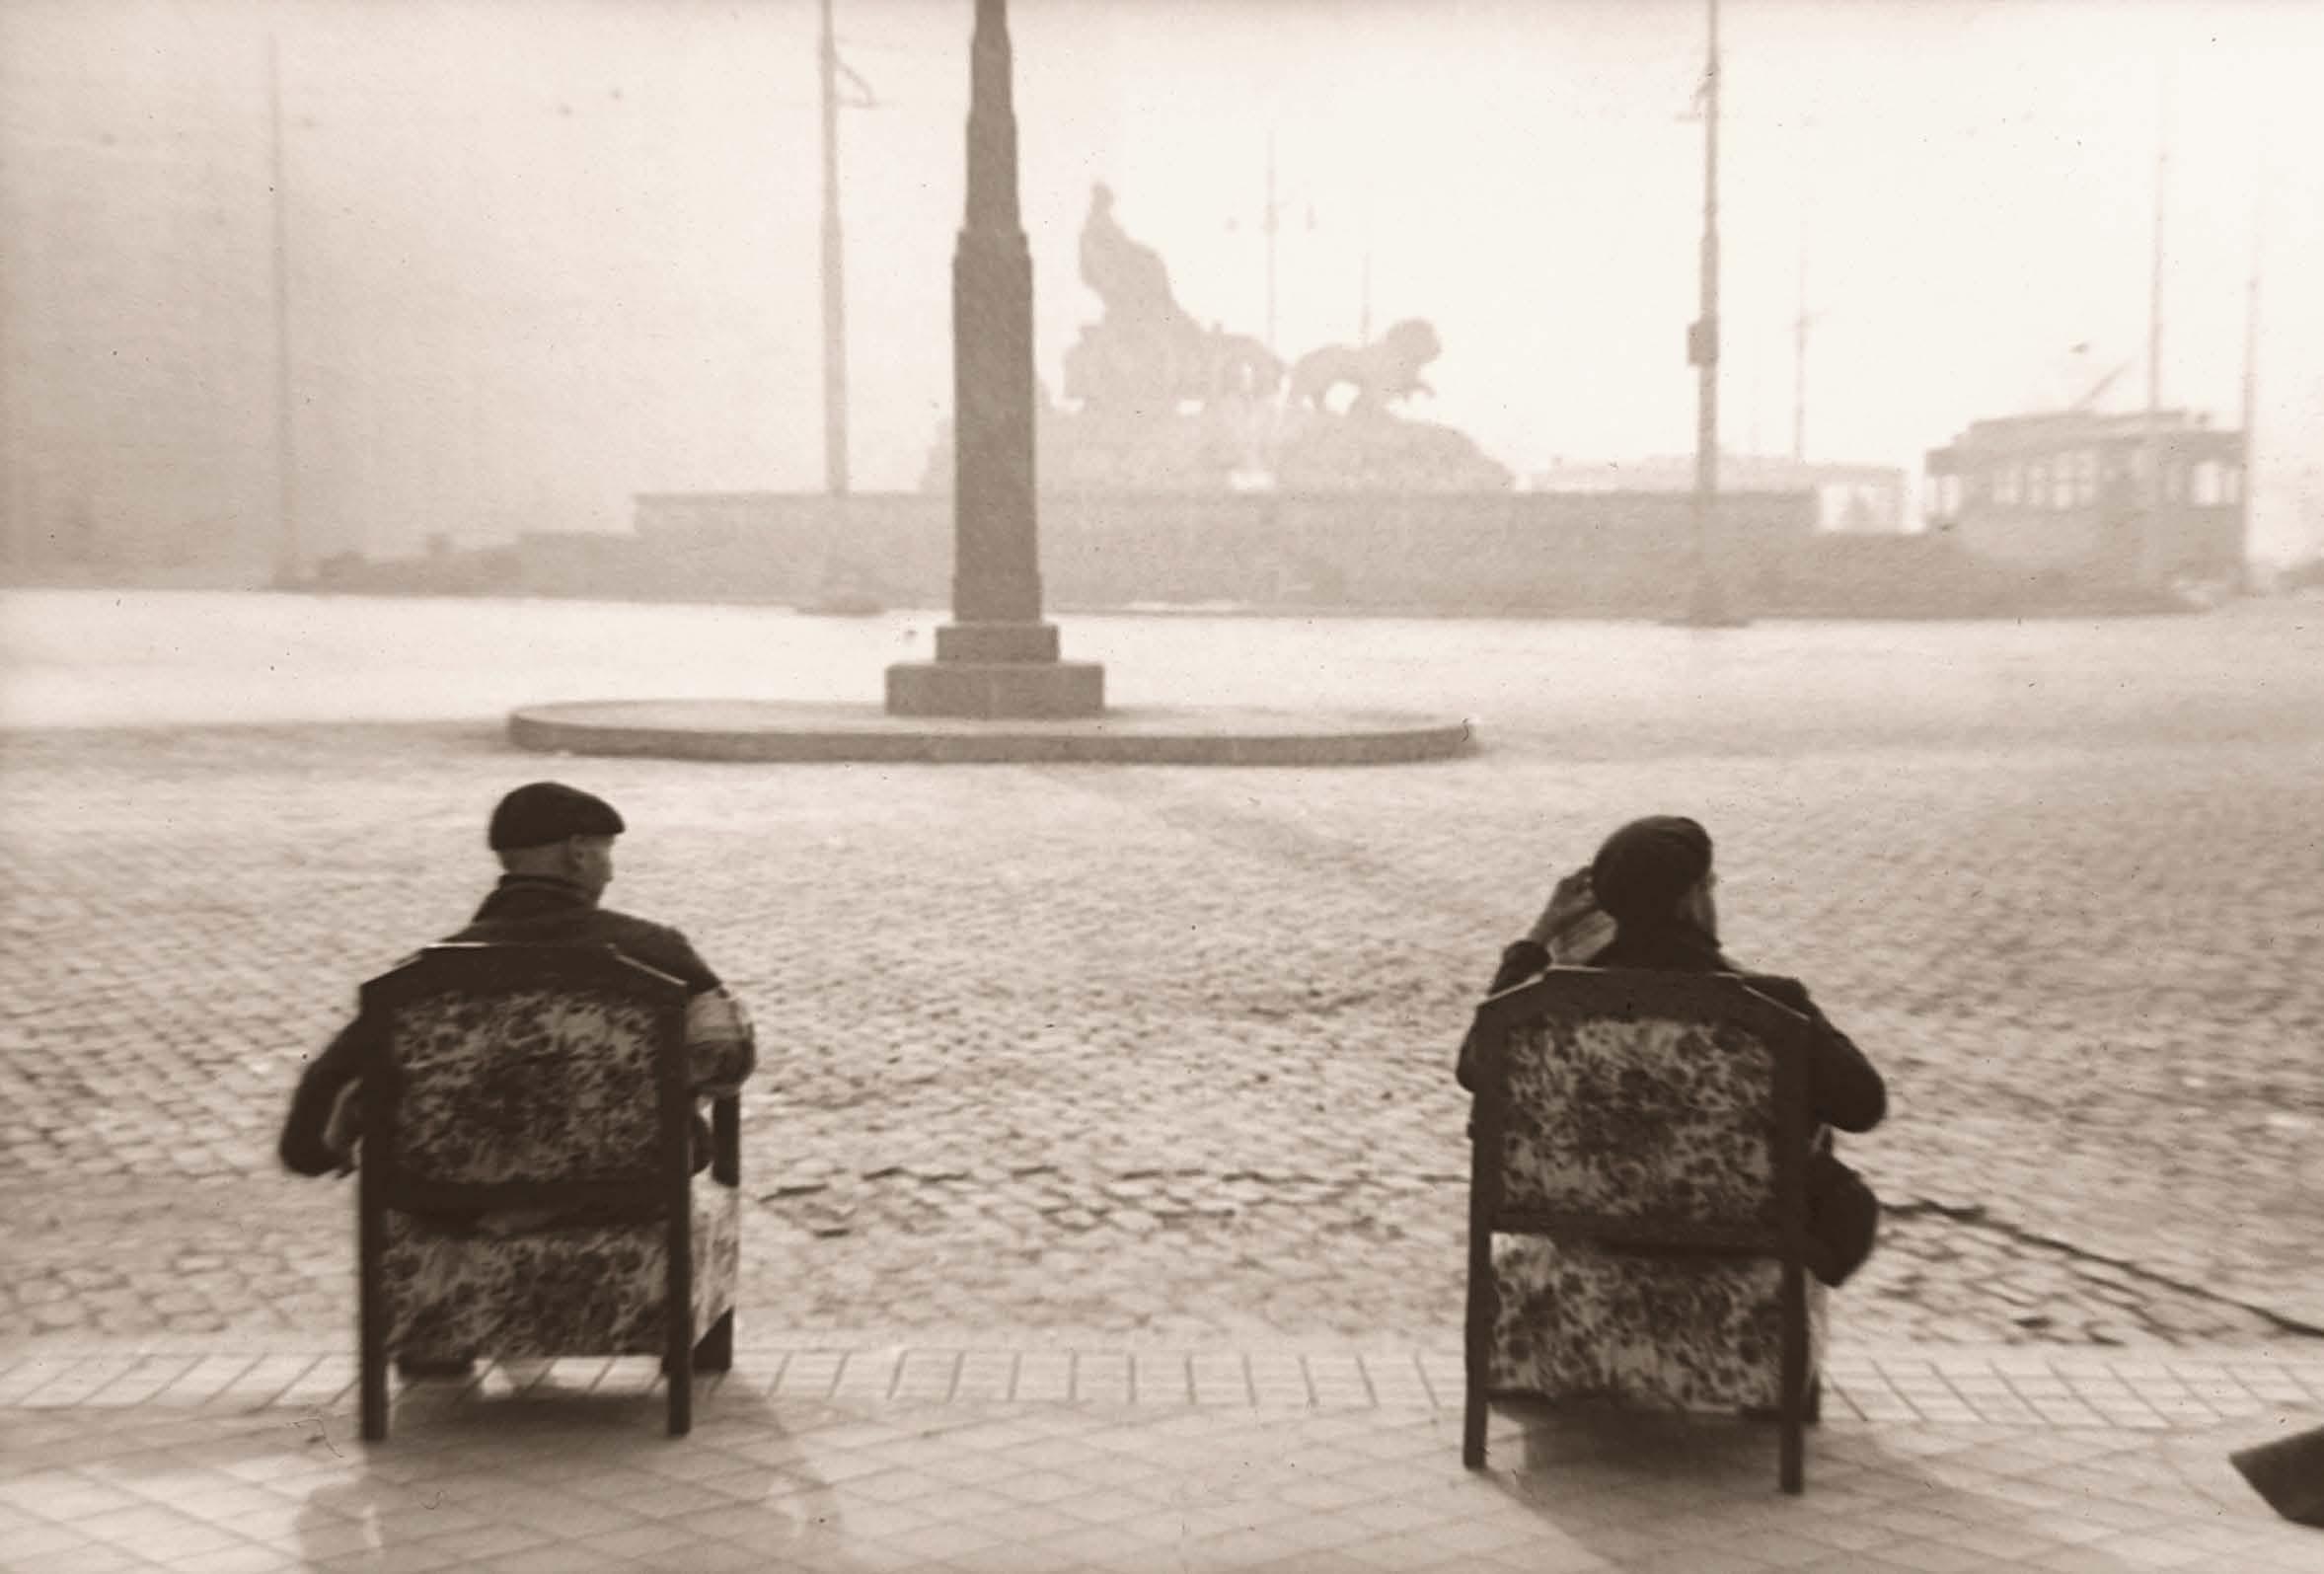 Fotos antiguas: Contemplando la Cibeles (1944)